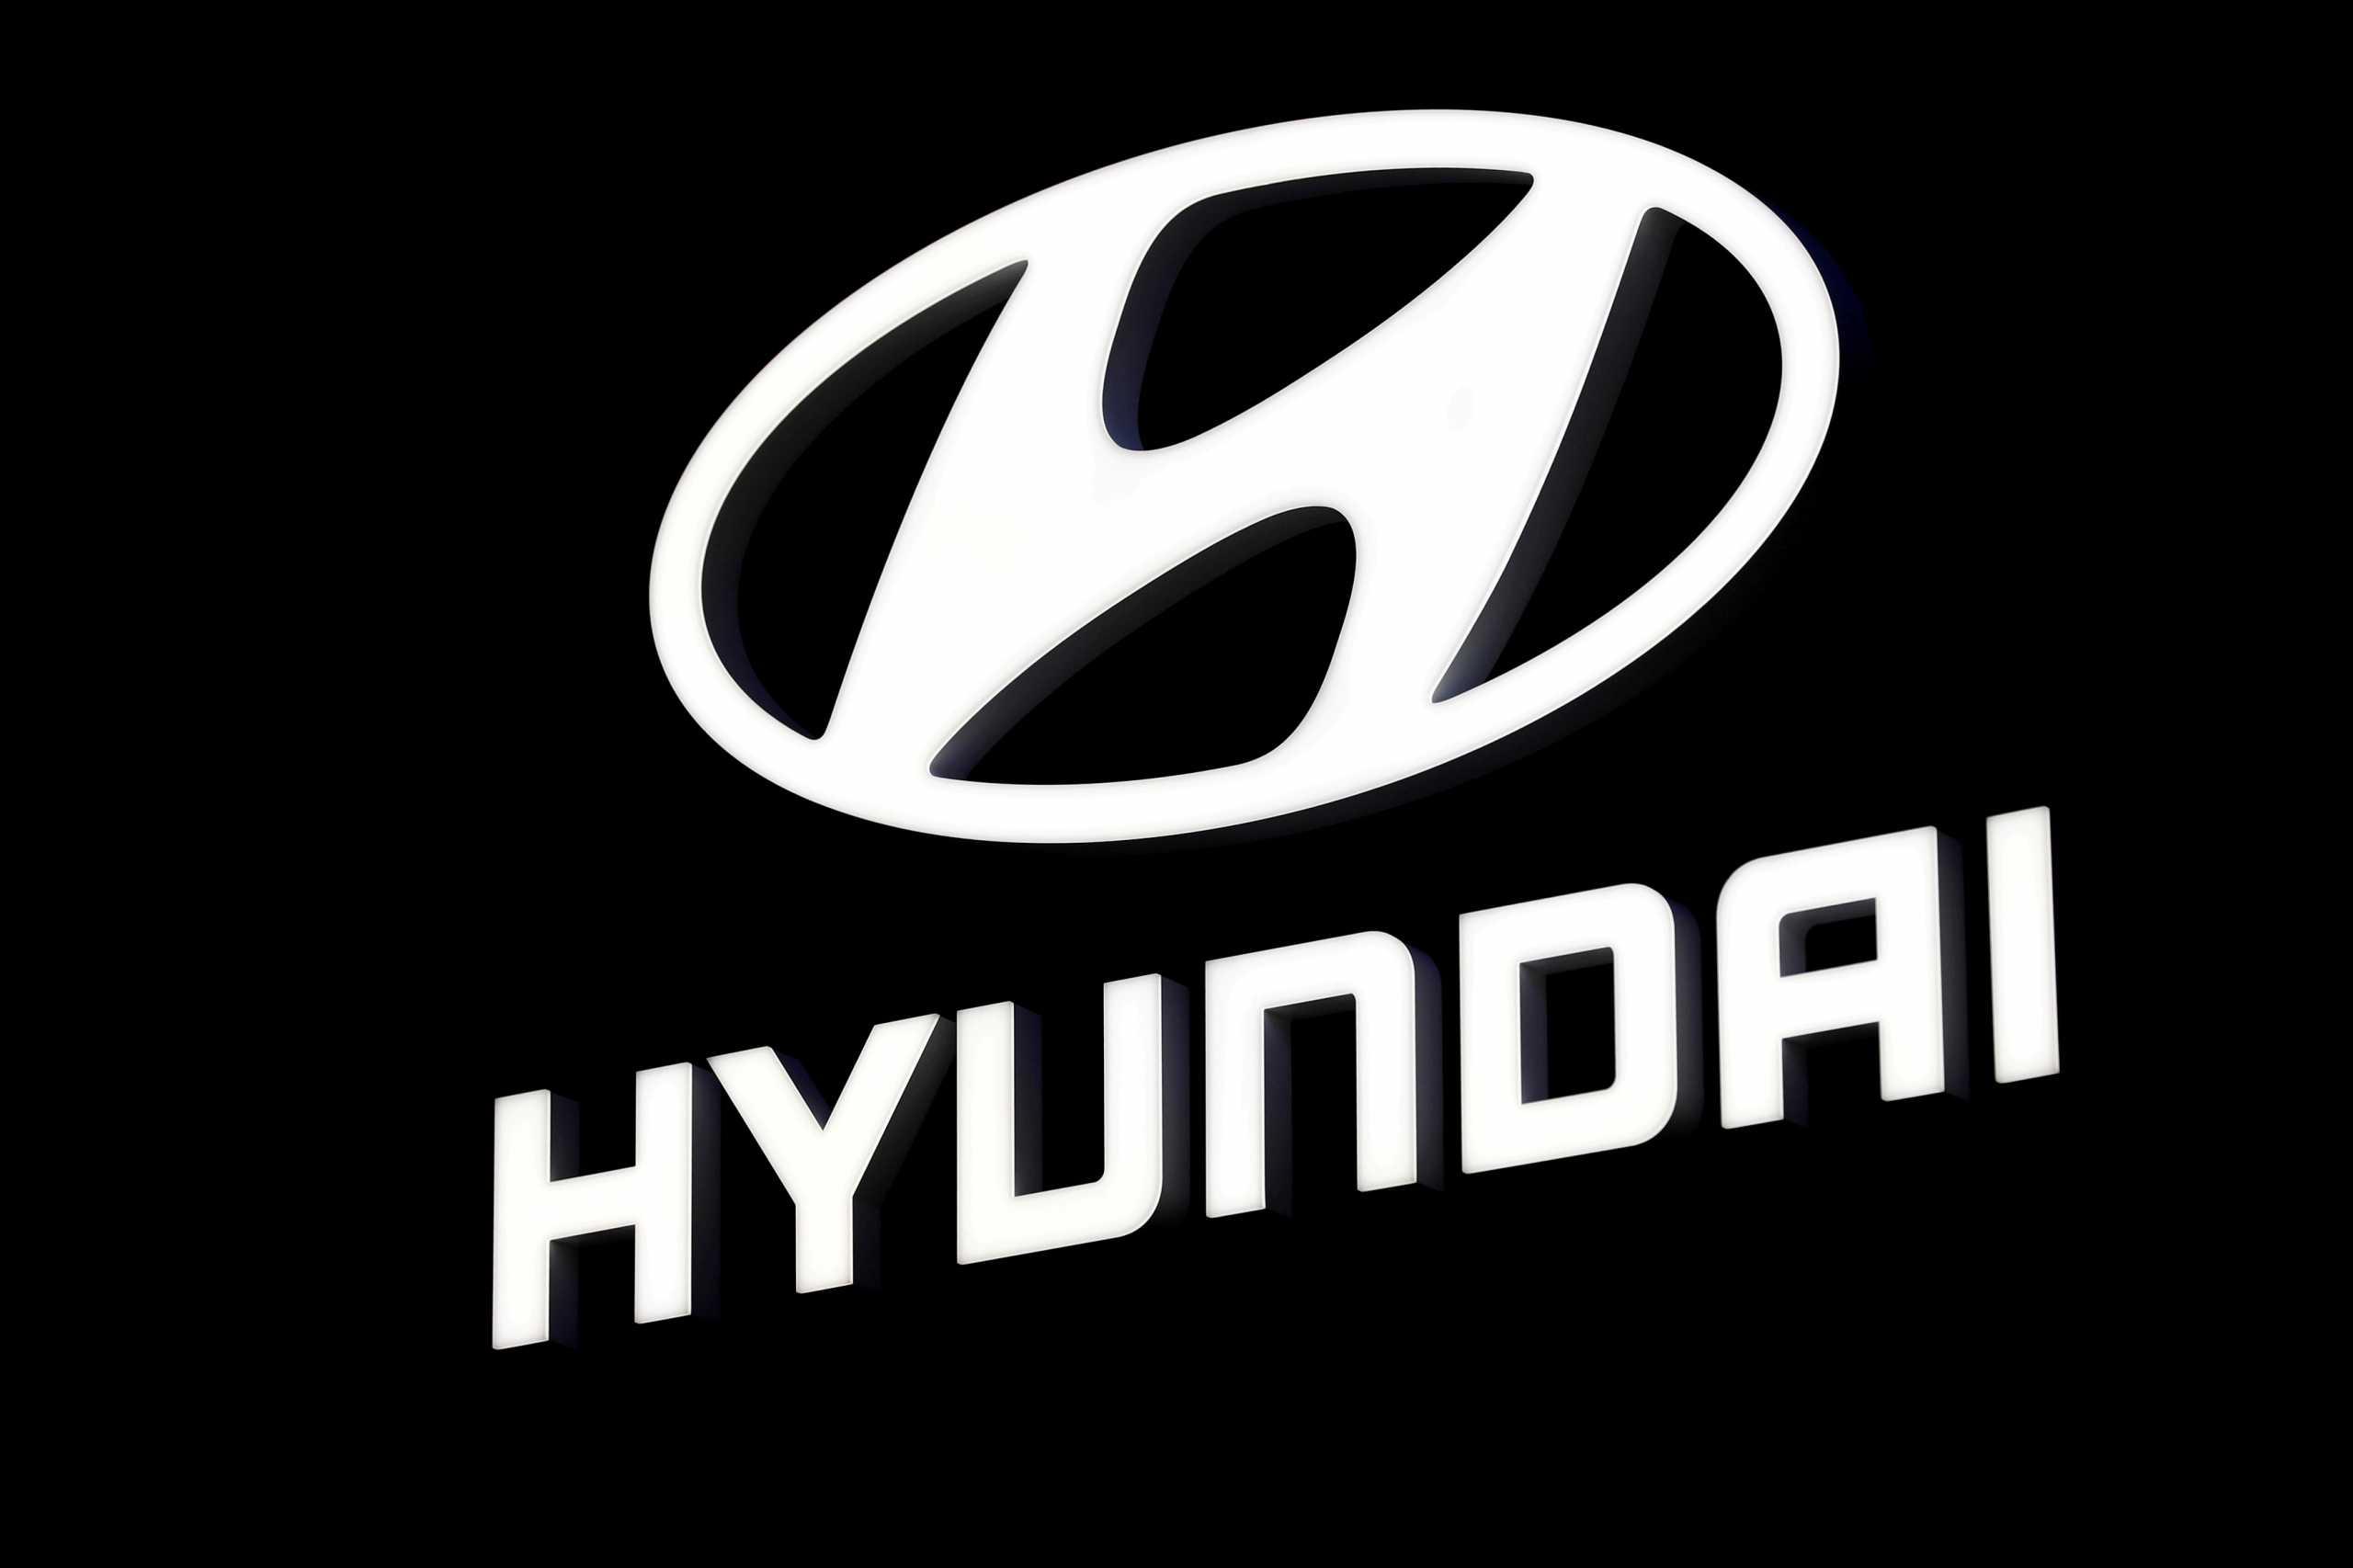 Η Hyundai ρίχνει άκυρο στην Apple – «Είμαστε ενοχλημένοι»